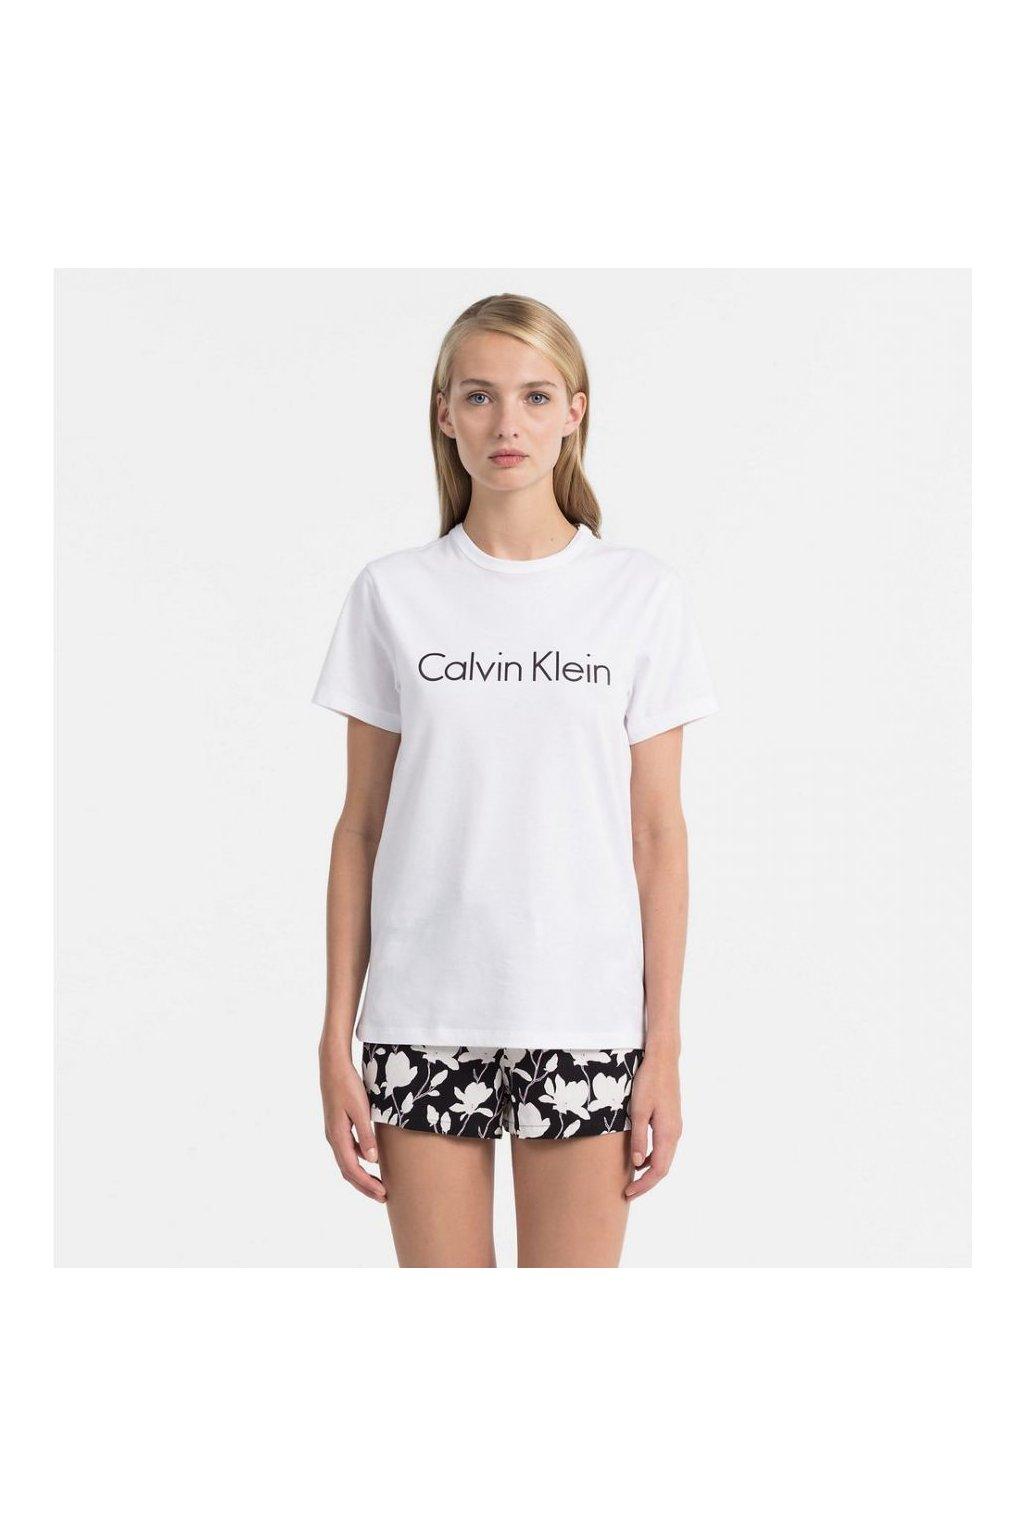 Dámské Tričko Calvin Klein Logo Bílé